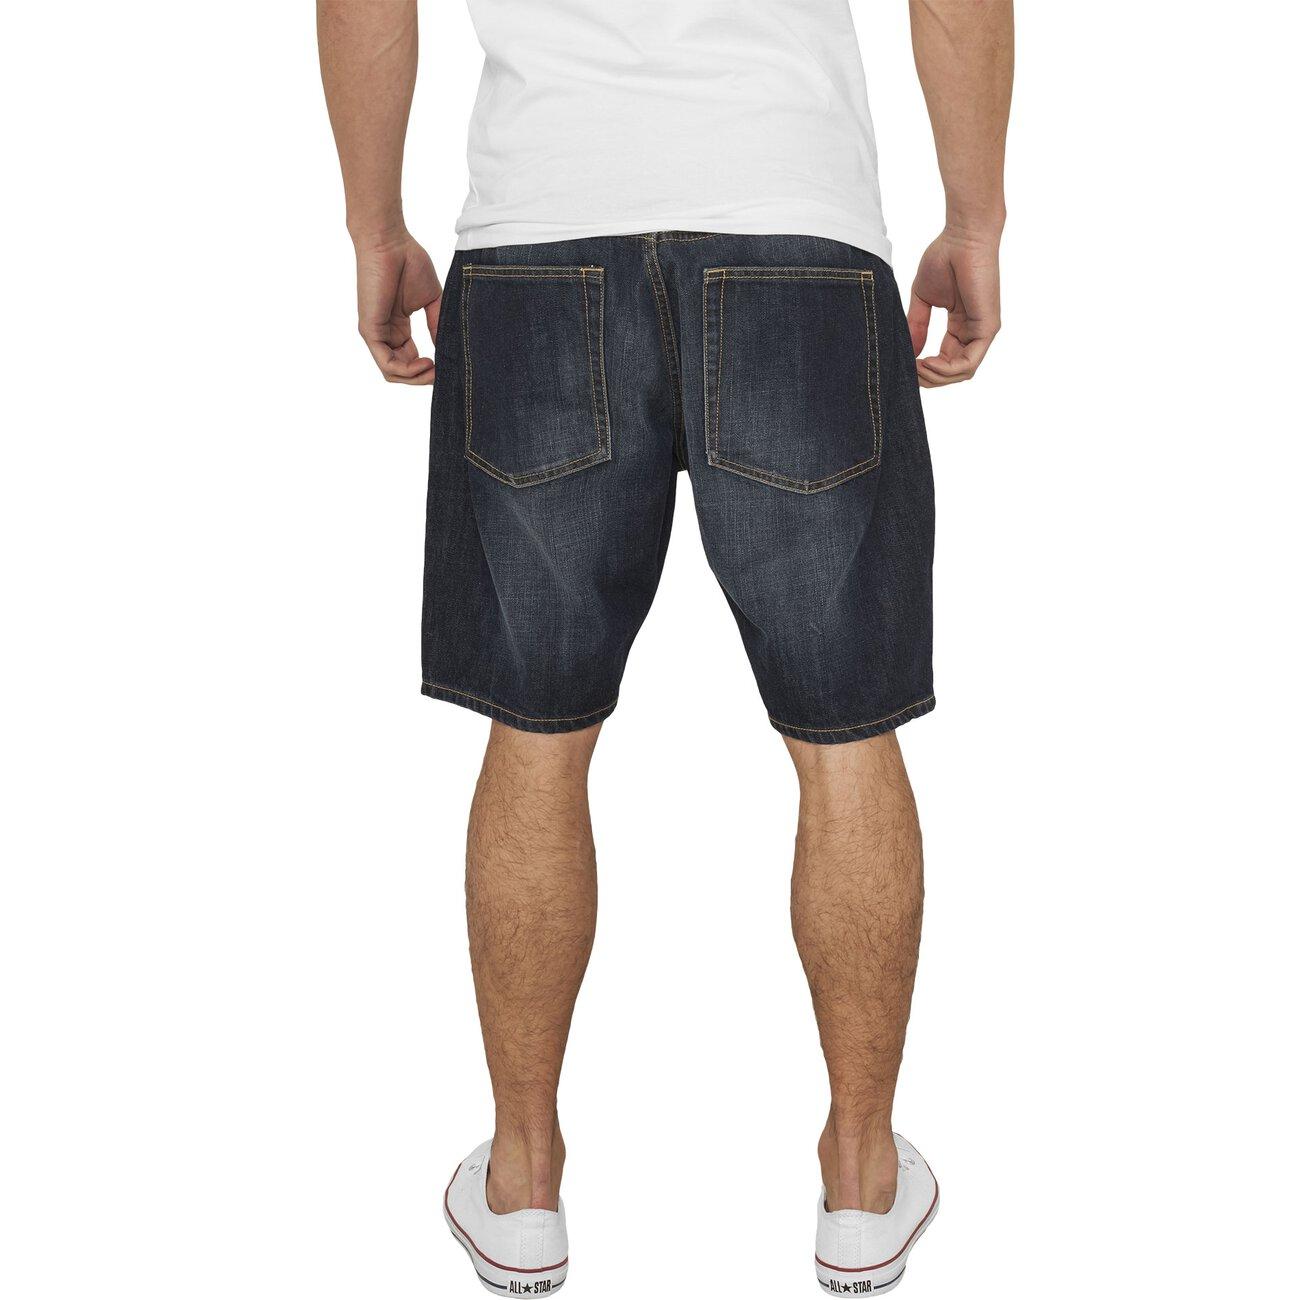 kurze hosen herren kurze hosen herren jeans 2018 herren shorts cargo shorts kurze hose. Black Bedroom Furniture Sets. Home Design Ideas